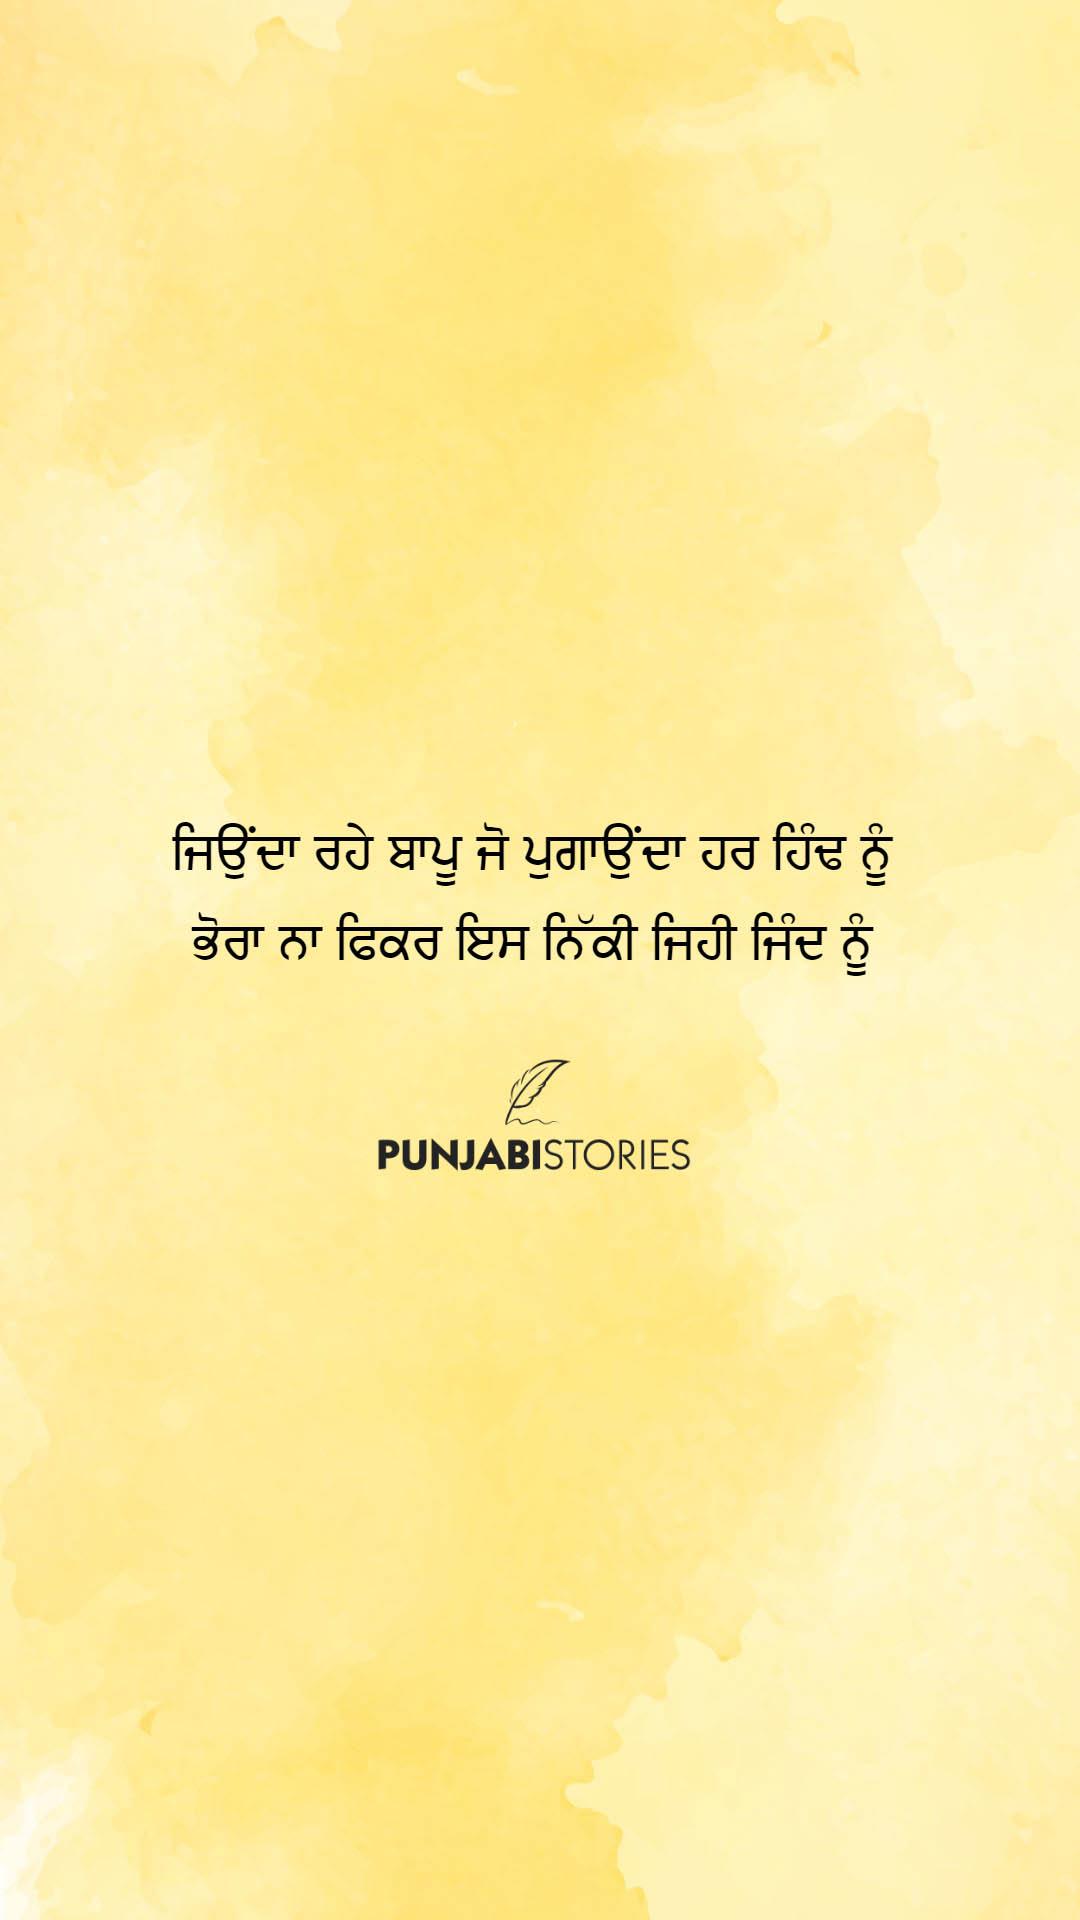 whatsapp status punjabi, punjabi status for bapu